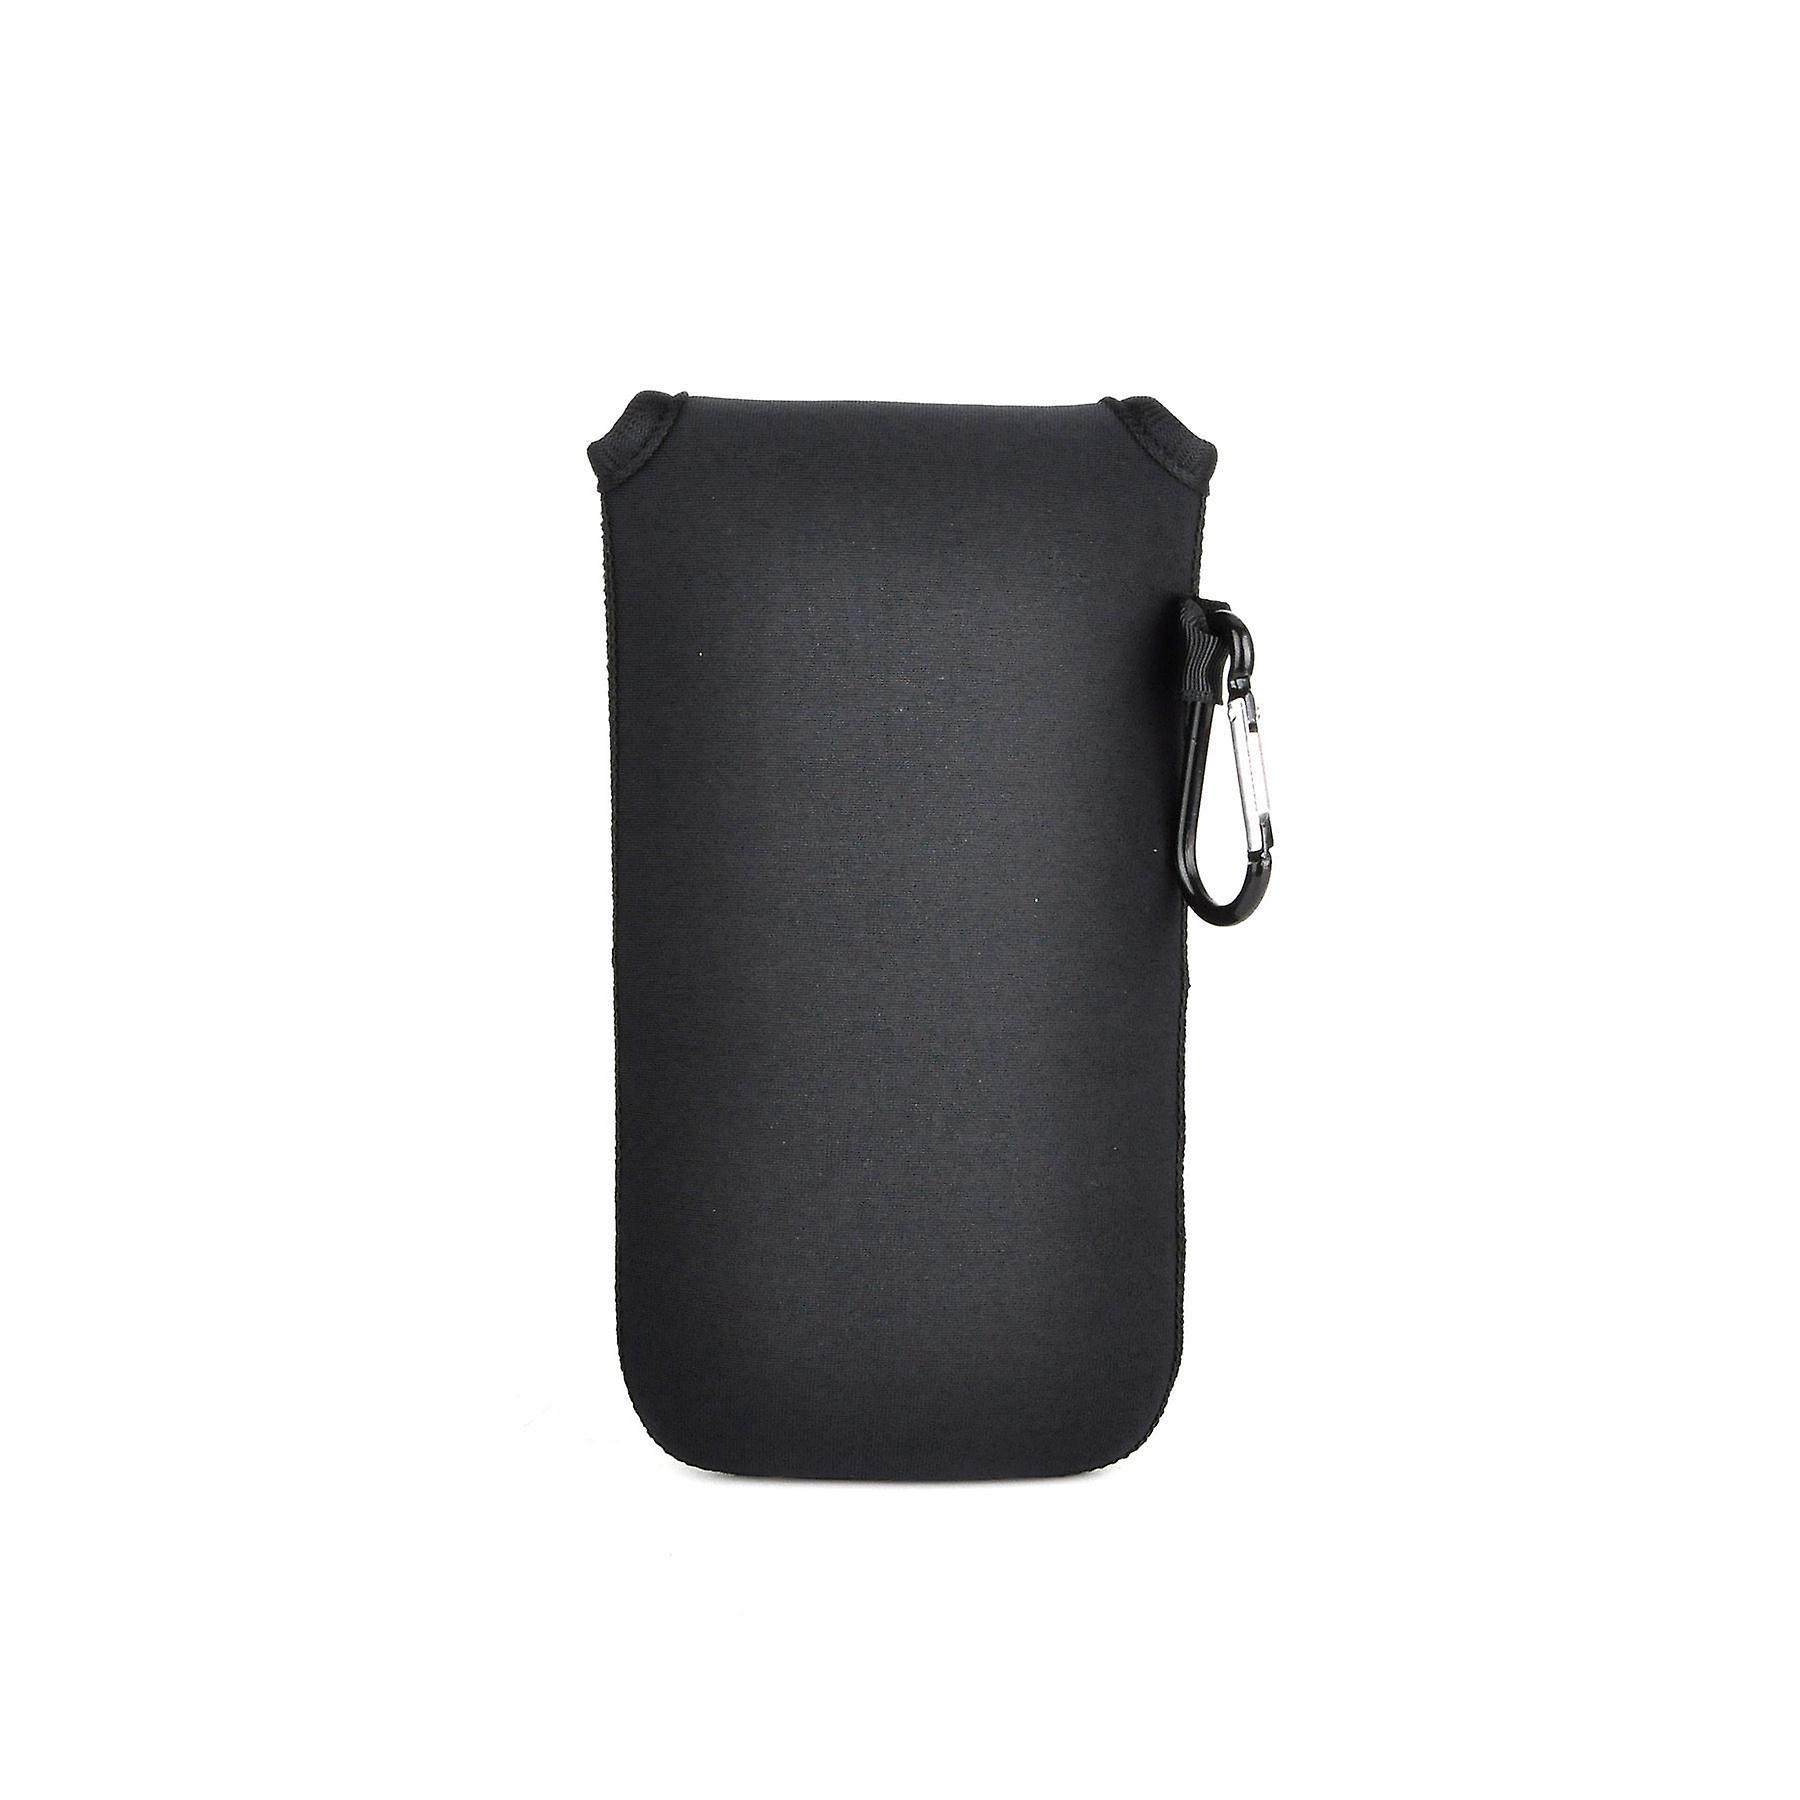 إينفينتكاسي النيوبرين أثر مقاومة الحمائية الحقيبة القضية تغطية حقيبة مع Velcro الإغلاق و Carabiner الألومنيوم